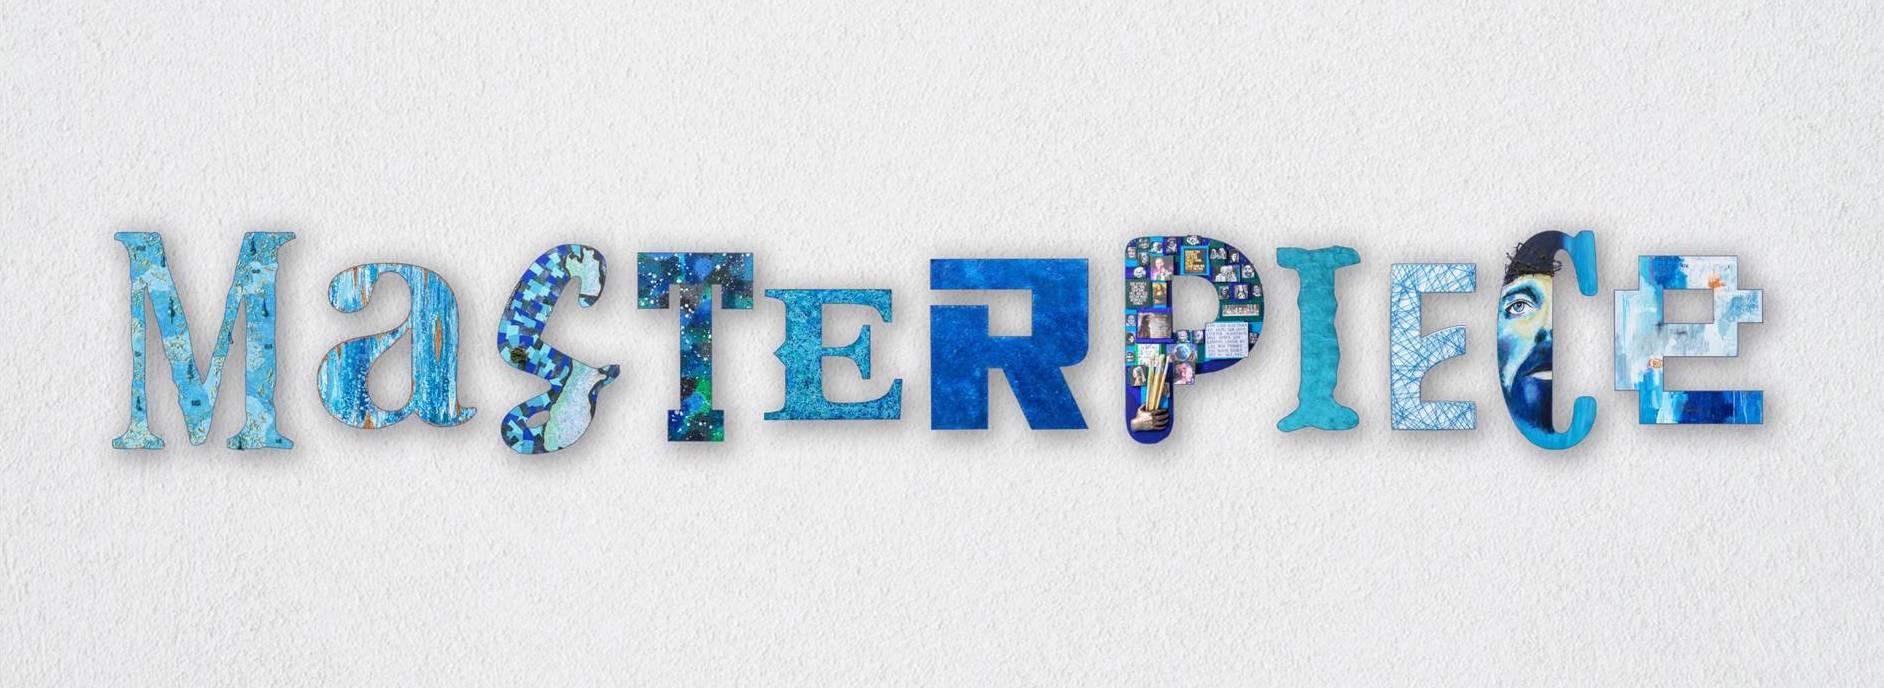 Masterpeace Image(re-sizedForSquareSpace).jpg